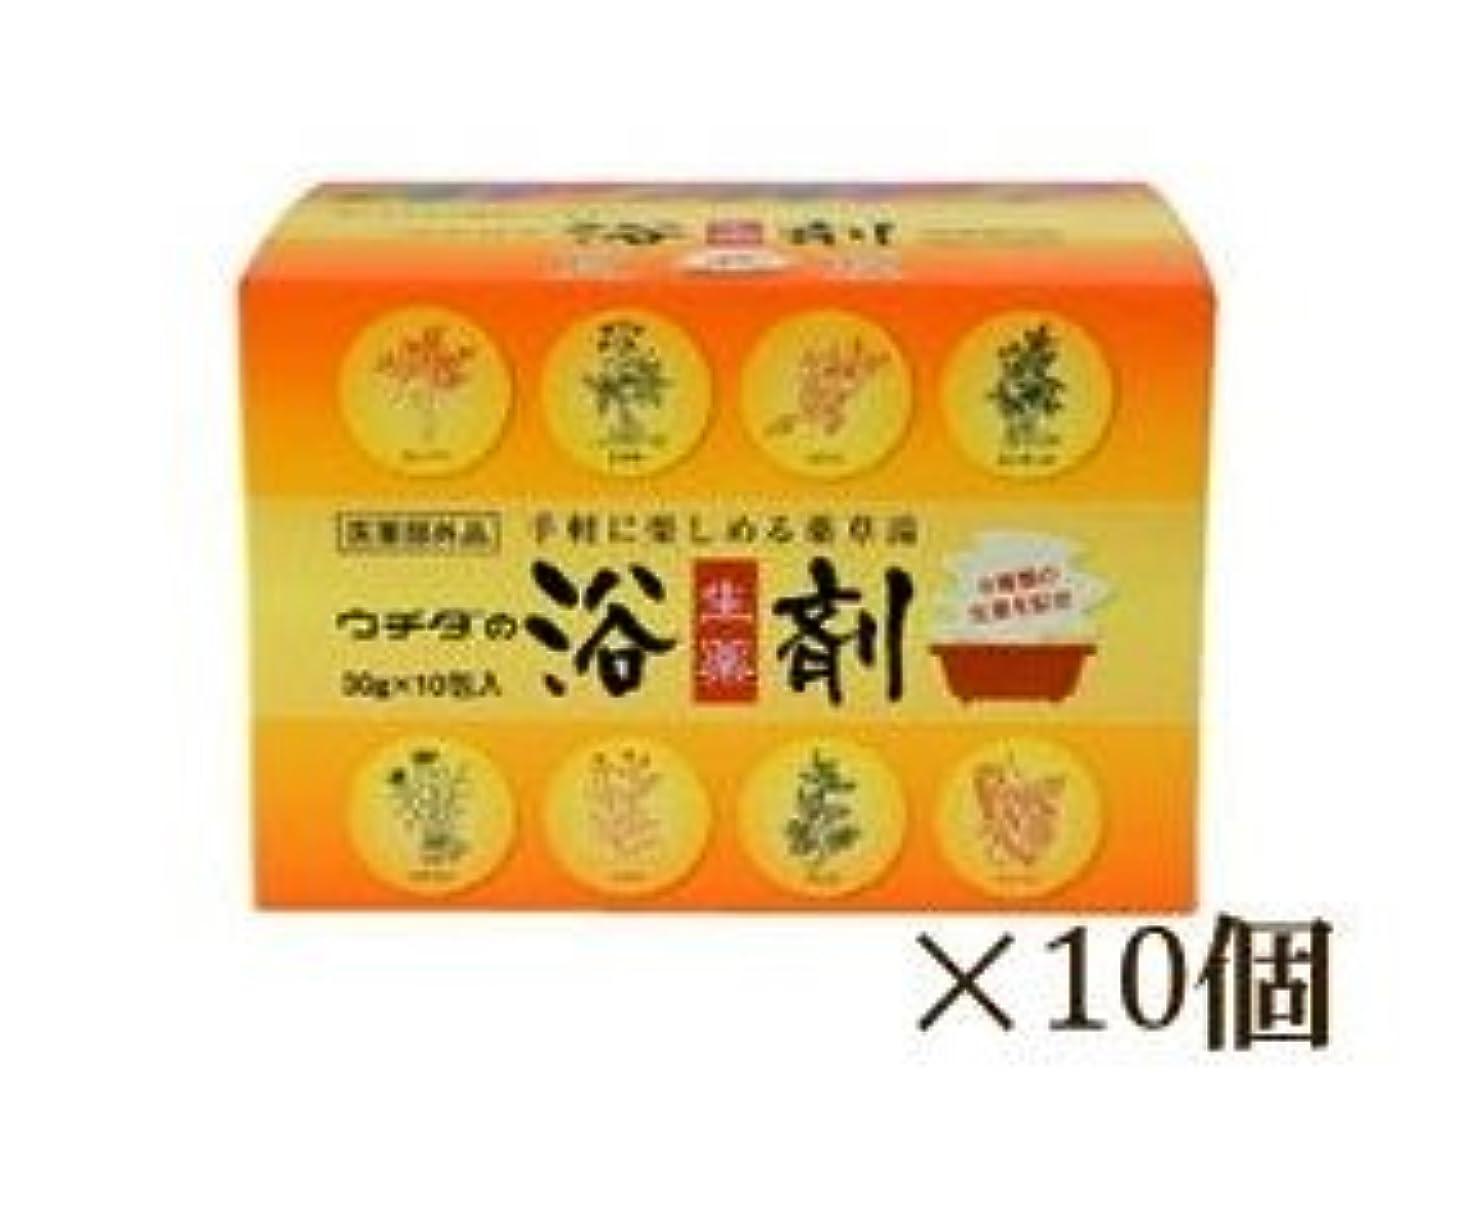 不要感覚相関するウチダの生薬浴剤 10箱セット (1箱30g×10包) 医薬部外品